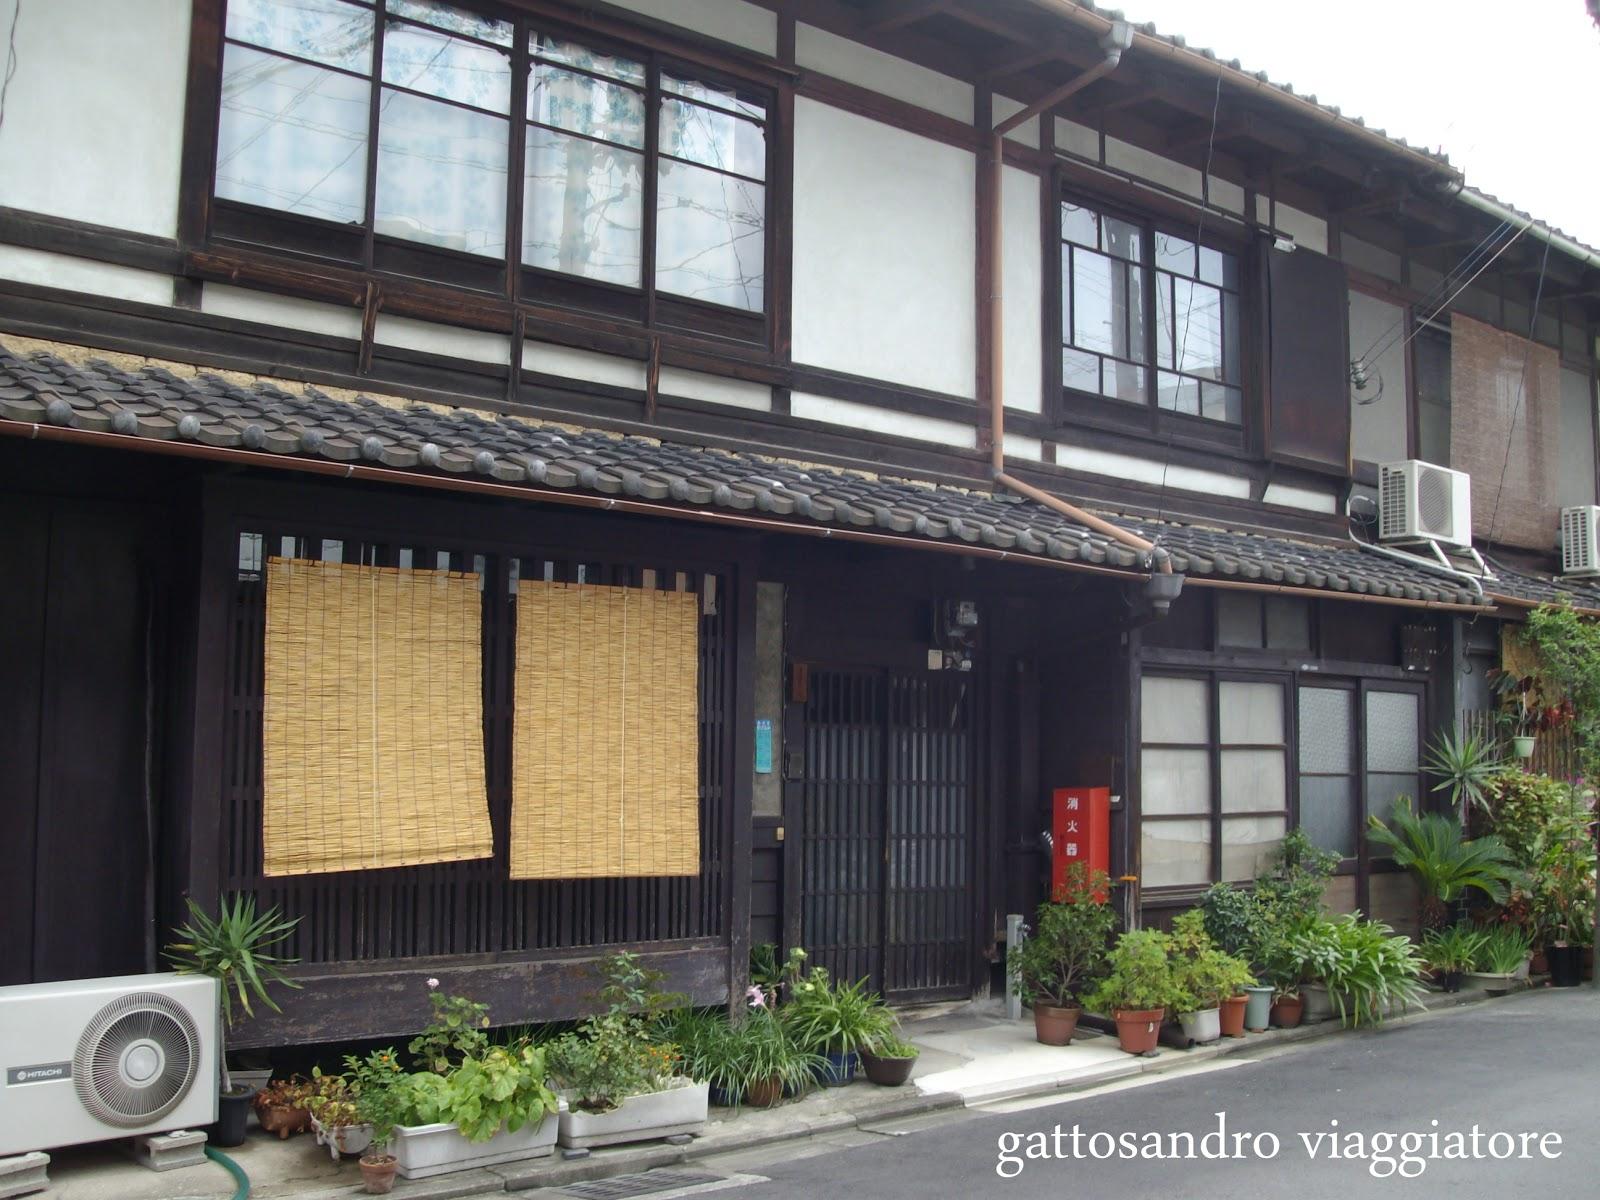 le case tradizionali giapponesi